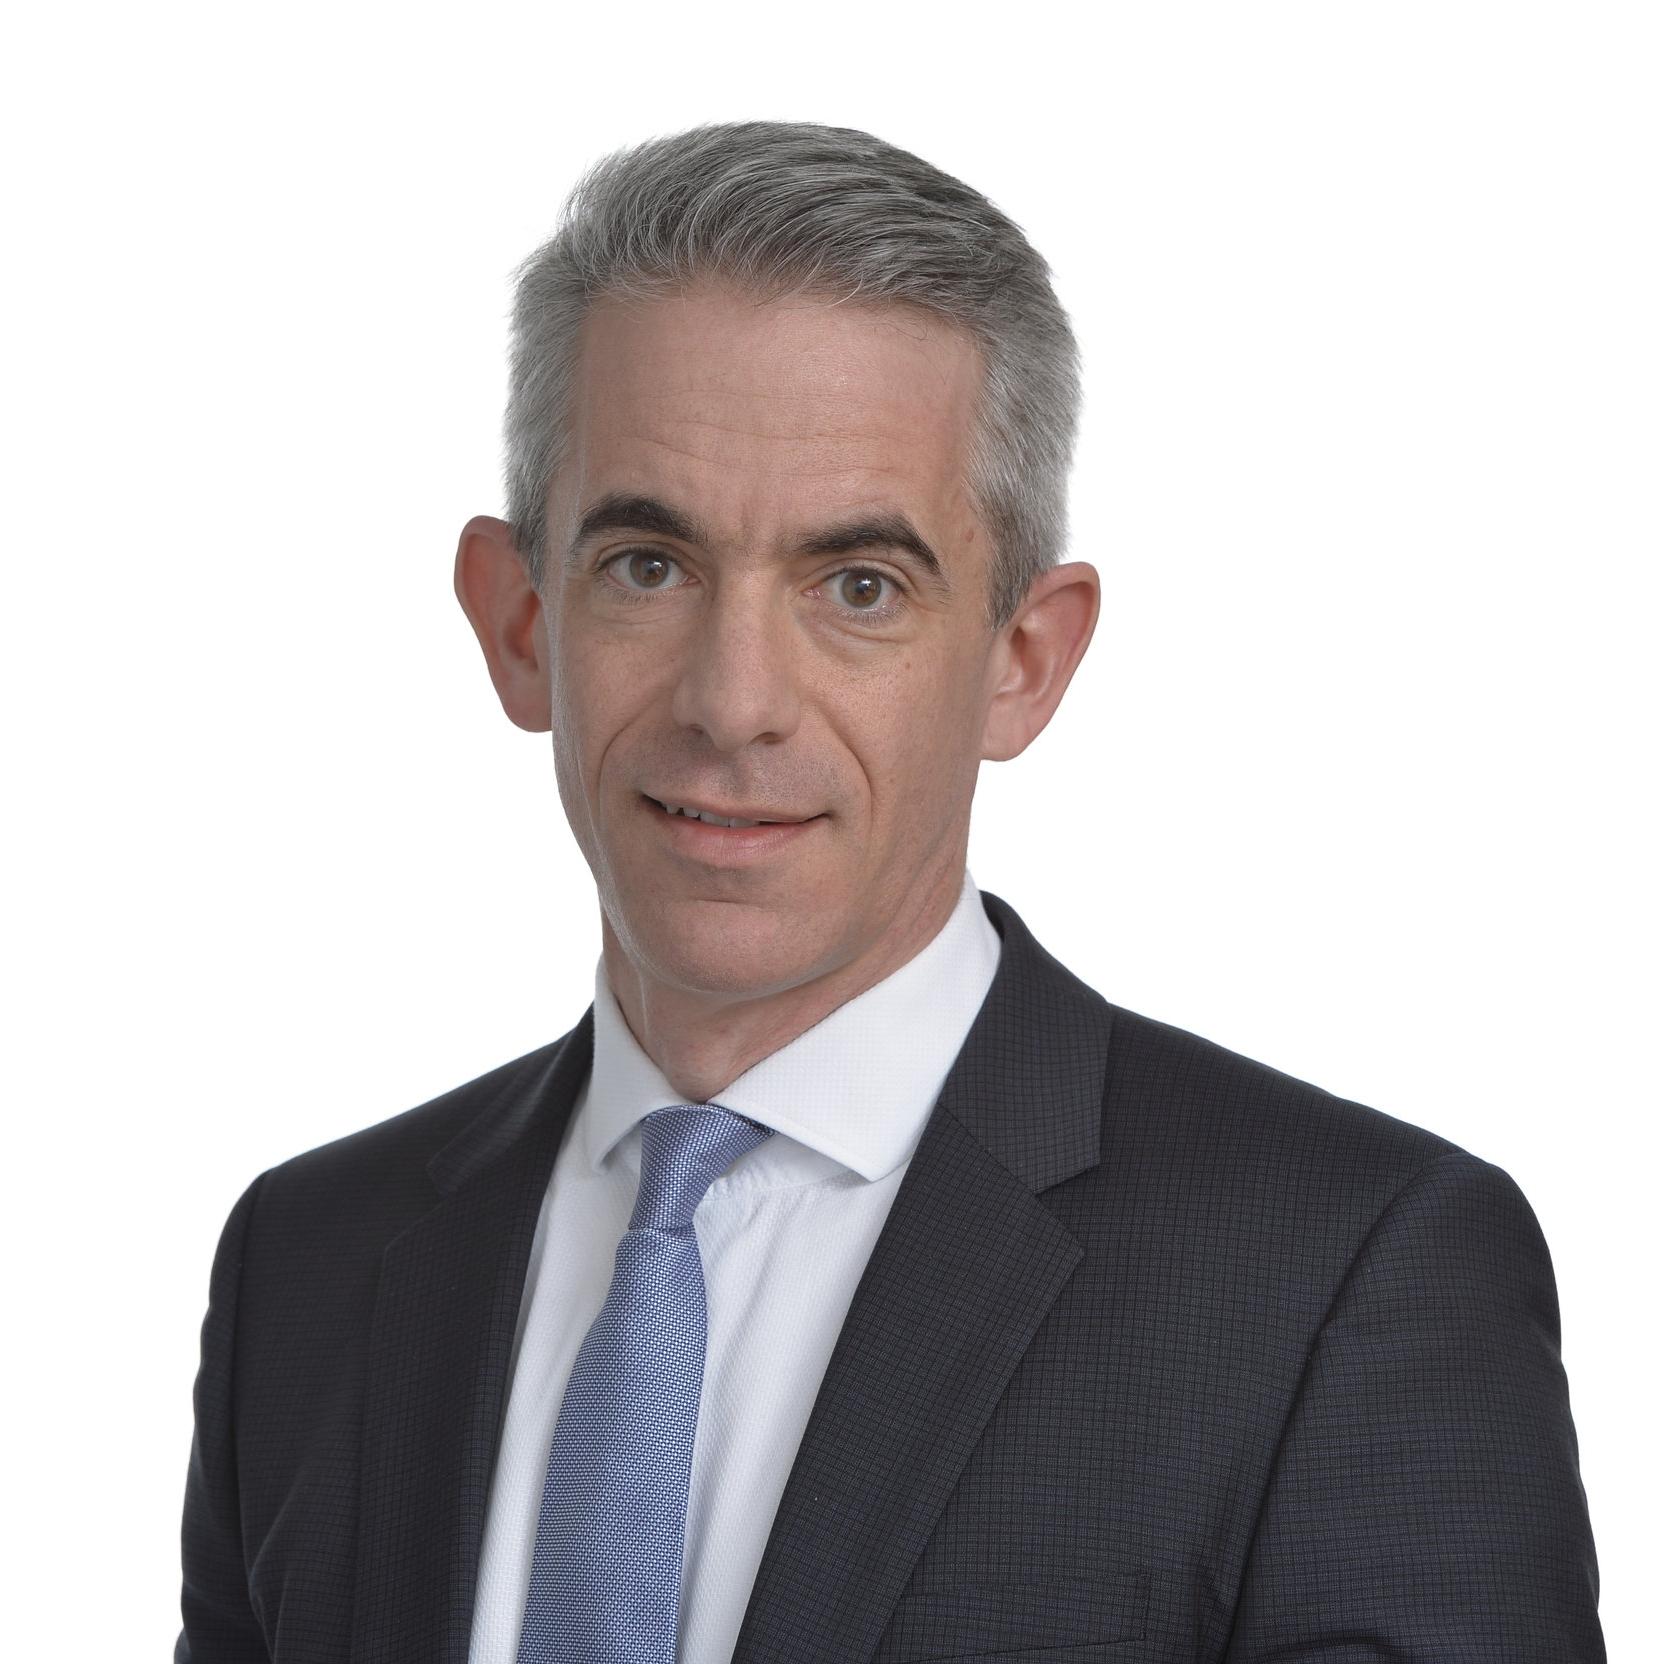 Christopher Greenwald | UBS Asset Management